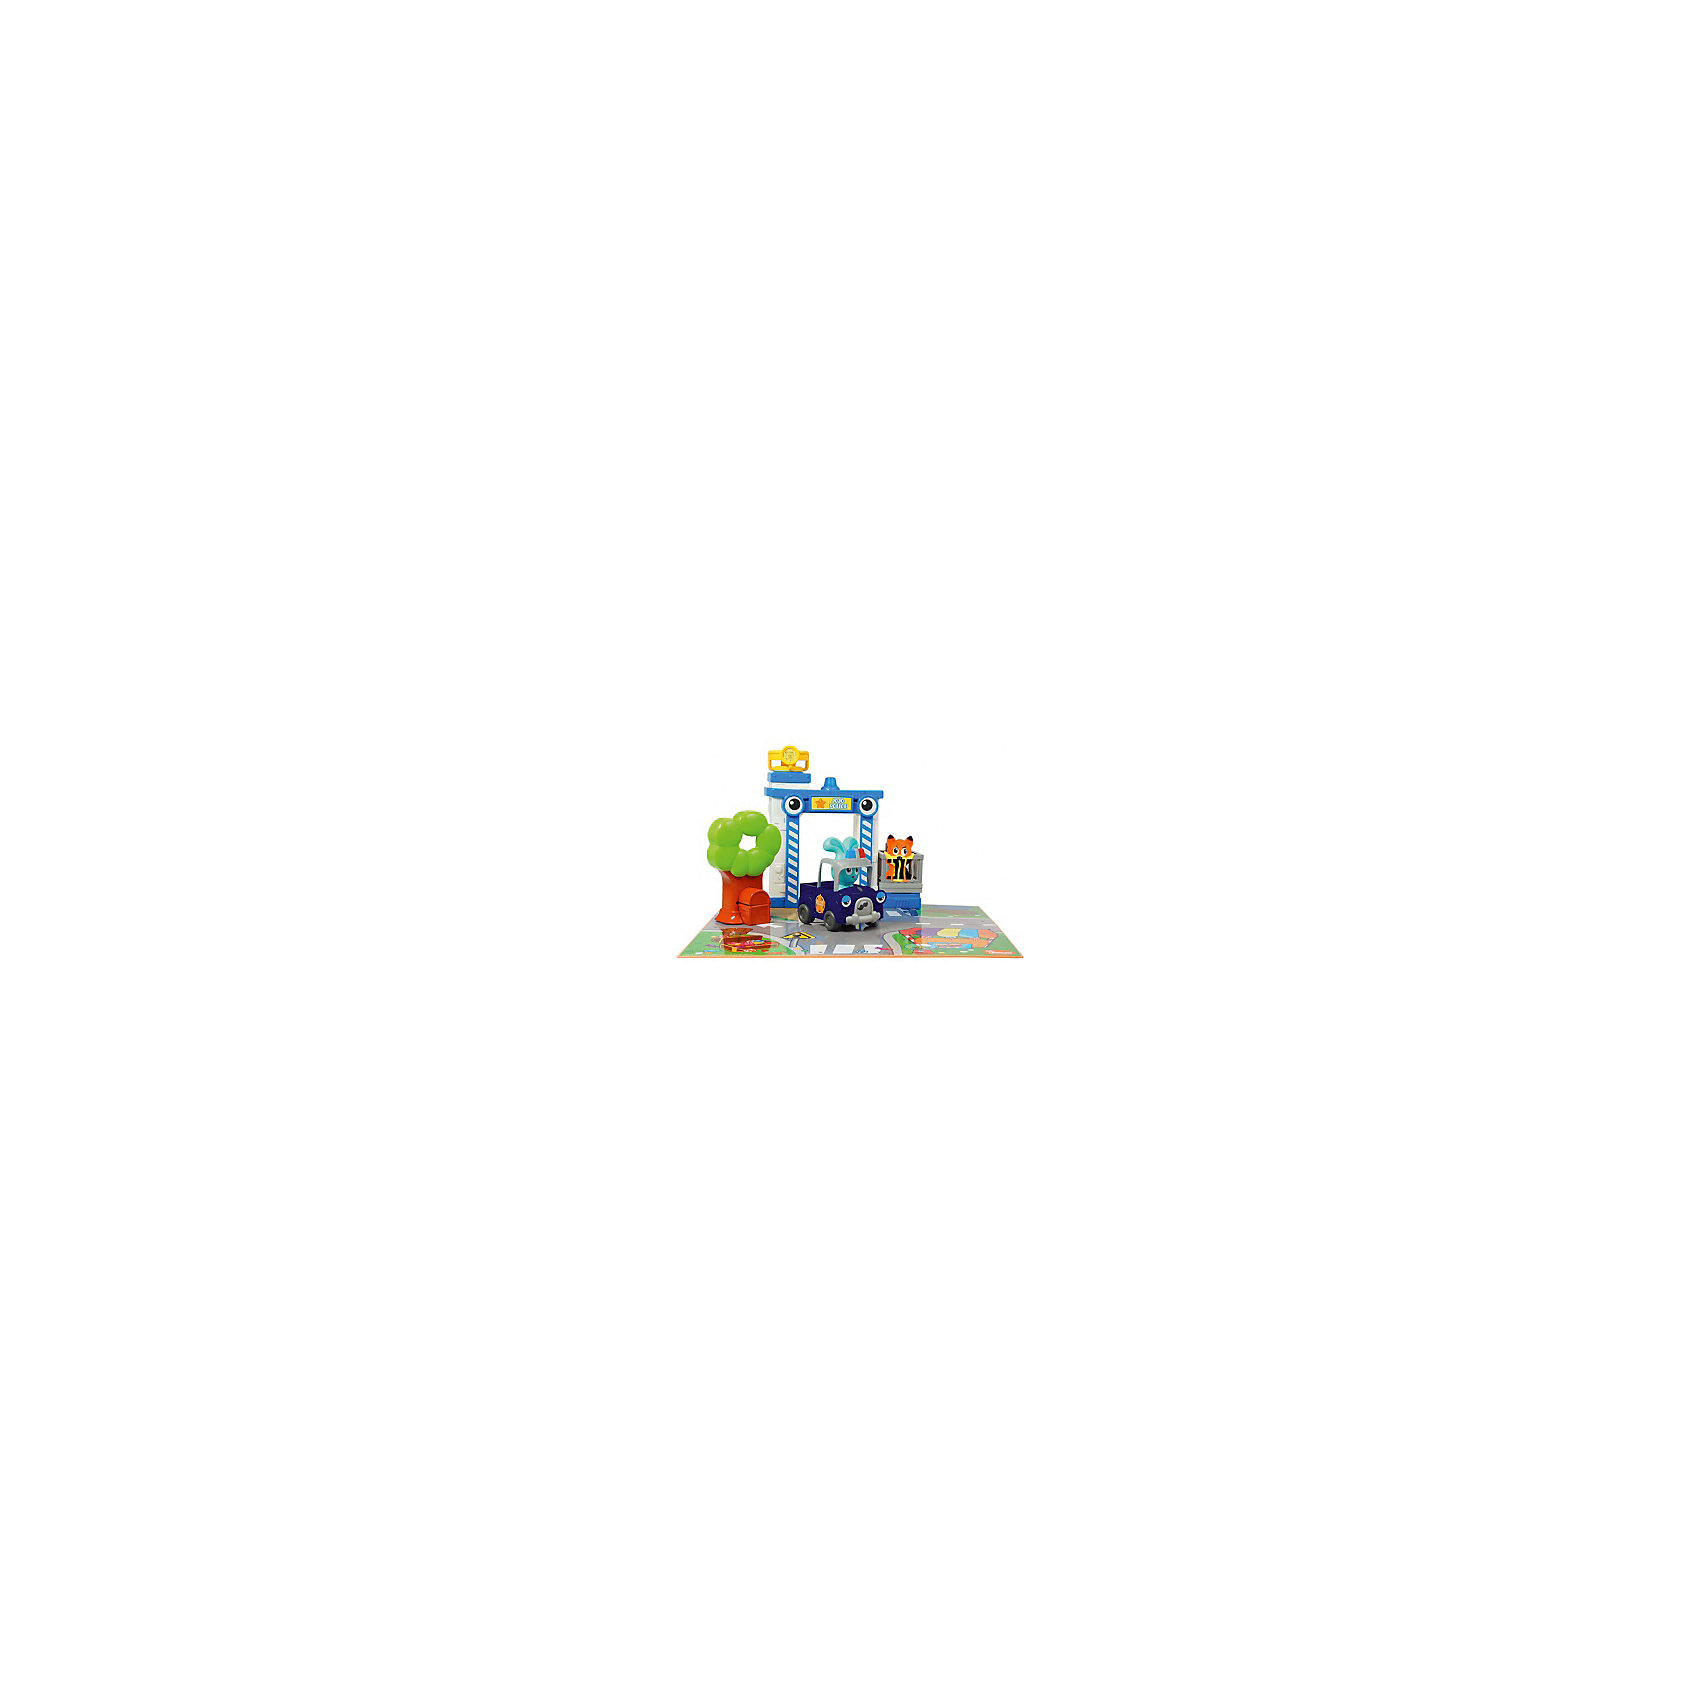 Бани - игровой набор Полицейская станция, OuapsРазвивающие игрушки<br>Бани - игровой набор Полицейская станция, Ouaps (Уапс) представляет собой игровой комплект для сюжетно-ролевых игр. В этот раз Бани предстает в образе полицейского. Имитация реального сюжета обеспечивается за счет дополнительных игровых атрибутов: коврика с изображением элементов городской жизни, специальной полицейской машинки, наблюдательной вышки  со звуком сирены и поворачивающимся прожектором. Кроме того, имеется клетка для преступника и дерево, у подножия которого есть сундук. Полицейская машинка имеет инерционный механизм и кузов, в который можно поместить Лиса. Возмутитель спокойствия и порядка ? хитрый Лис умеет петь песни и издавать разные звуки.<br>Бани - игровой набор Полицейская станция, Ouaps (Уапс) подарит увлекательную игру для детей в возрасте от одного года. Все предметы выполнены из качественного прочного пластика, не имеют острых углов и отсоединяющихся элементов, что делает этот набор безопасным даже для детей в возрасте до года. Игровой комплект позволит вашего ребенку развивать воображение. Его можно использовать как для одиночной игры, так и для групповых игр. <br><br>Дополнительная информация:<br><br>- Вид игр: сюжетно-ролевые игры<br>- Предназначение: для дома<br>- Материал: качественный пластик<br>- Батарейки: 6 шт. AA LR6<br>- Размер упаковки:  51,2*33*х10,8 см<br>- Вес: 798 г<br>- Комплектация: игровой коврик, кролик Бани, Лисенок, полицейская машинка, вышка для наблюдений, дерево с сундуком, клетка, батарейки<br>- Особенности ухода: разрешается мыть в мыльной воде<br><br>Подробнее:<br><br>• Для детей в возрасте: от 1 года до 3 лет<br>• Страна производитель: Китай<br>• Торговый бренд: Ouaps<br><br>Бани - игровой набор Полицейская станция, Ouaps (Уапс) можно купить в нашем интернет-магазине.<br><br>Ширина мм: 508<br>Глубина мм: 101<br>Высота мм: 330<br>Вес г: 1808<br>Возраст от месяцев: 12<br>Возраст до месяцев: 36<br>Пол: Унисекс<br>Возраст: Детский<br>SKU: 4792907